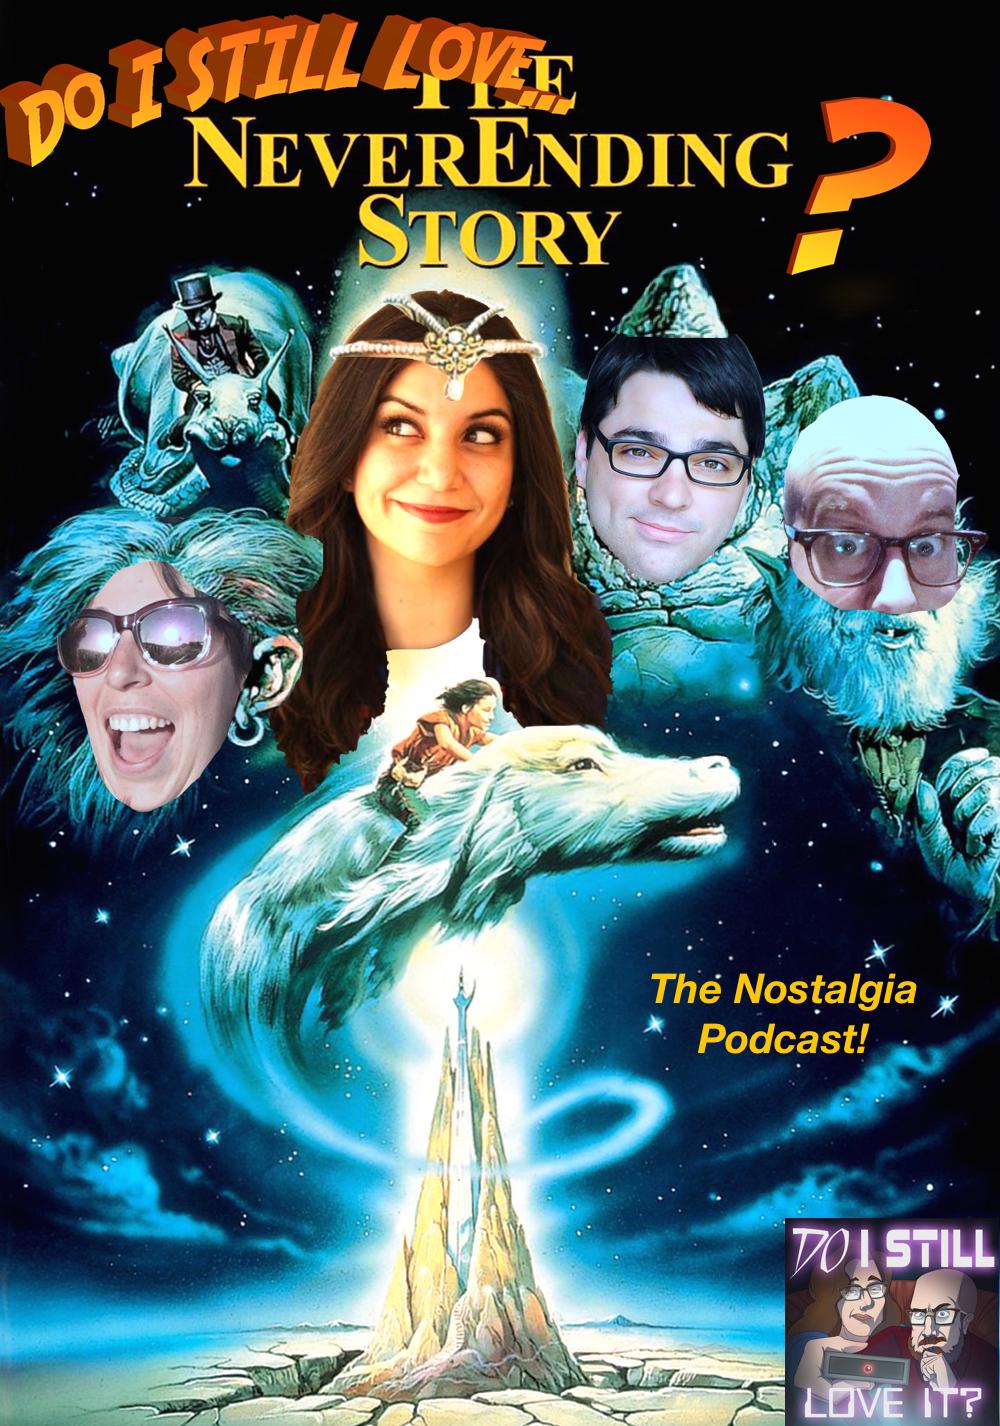 DISLI_Neverending_Story